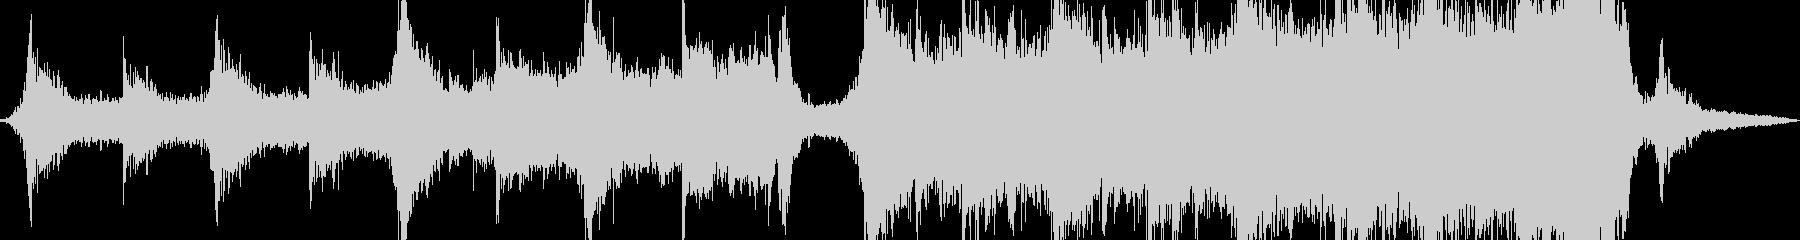 現代の交響曲 広い 壮大 劇的な ...の未再生の波形